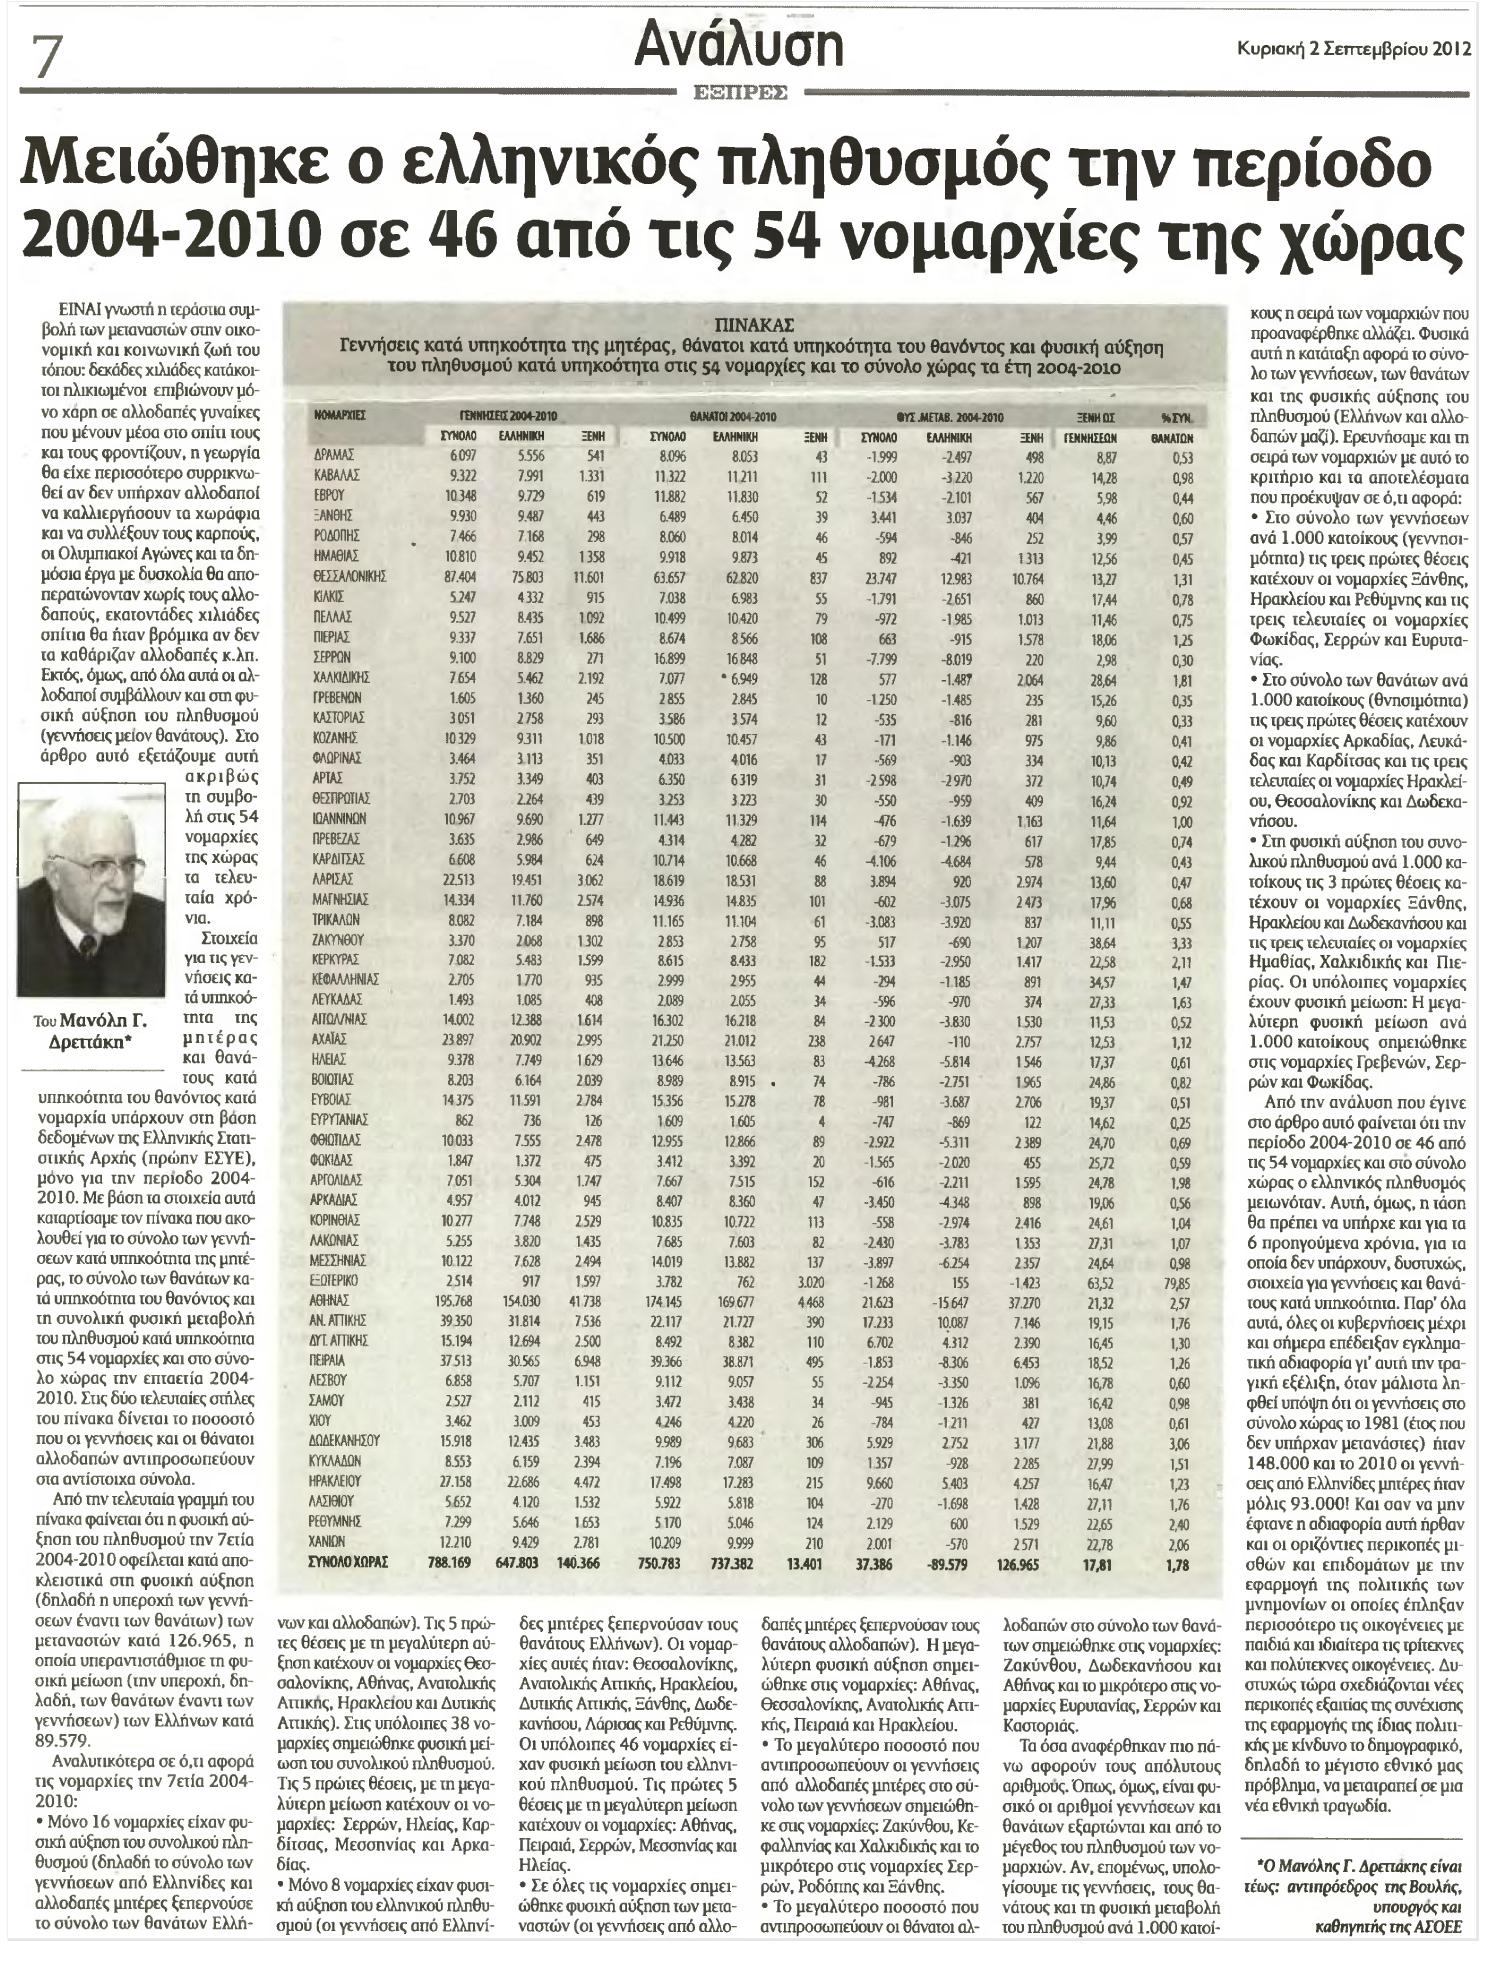 «Μειώθηκε ο ελληνικός πληθυσμός την περίοδο 2004-2010 σε 46 από τις 54 Νομαρχίες της Χώρας»! (Μανόλης Δρεττάκης, εφημ. ΕΞΠΡΕΣ, 22. 9. 2012).